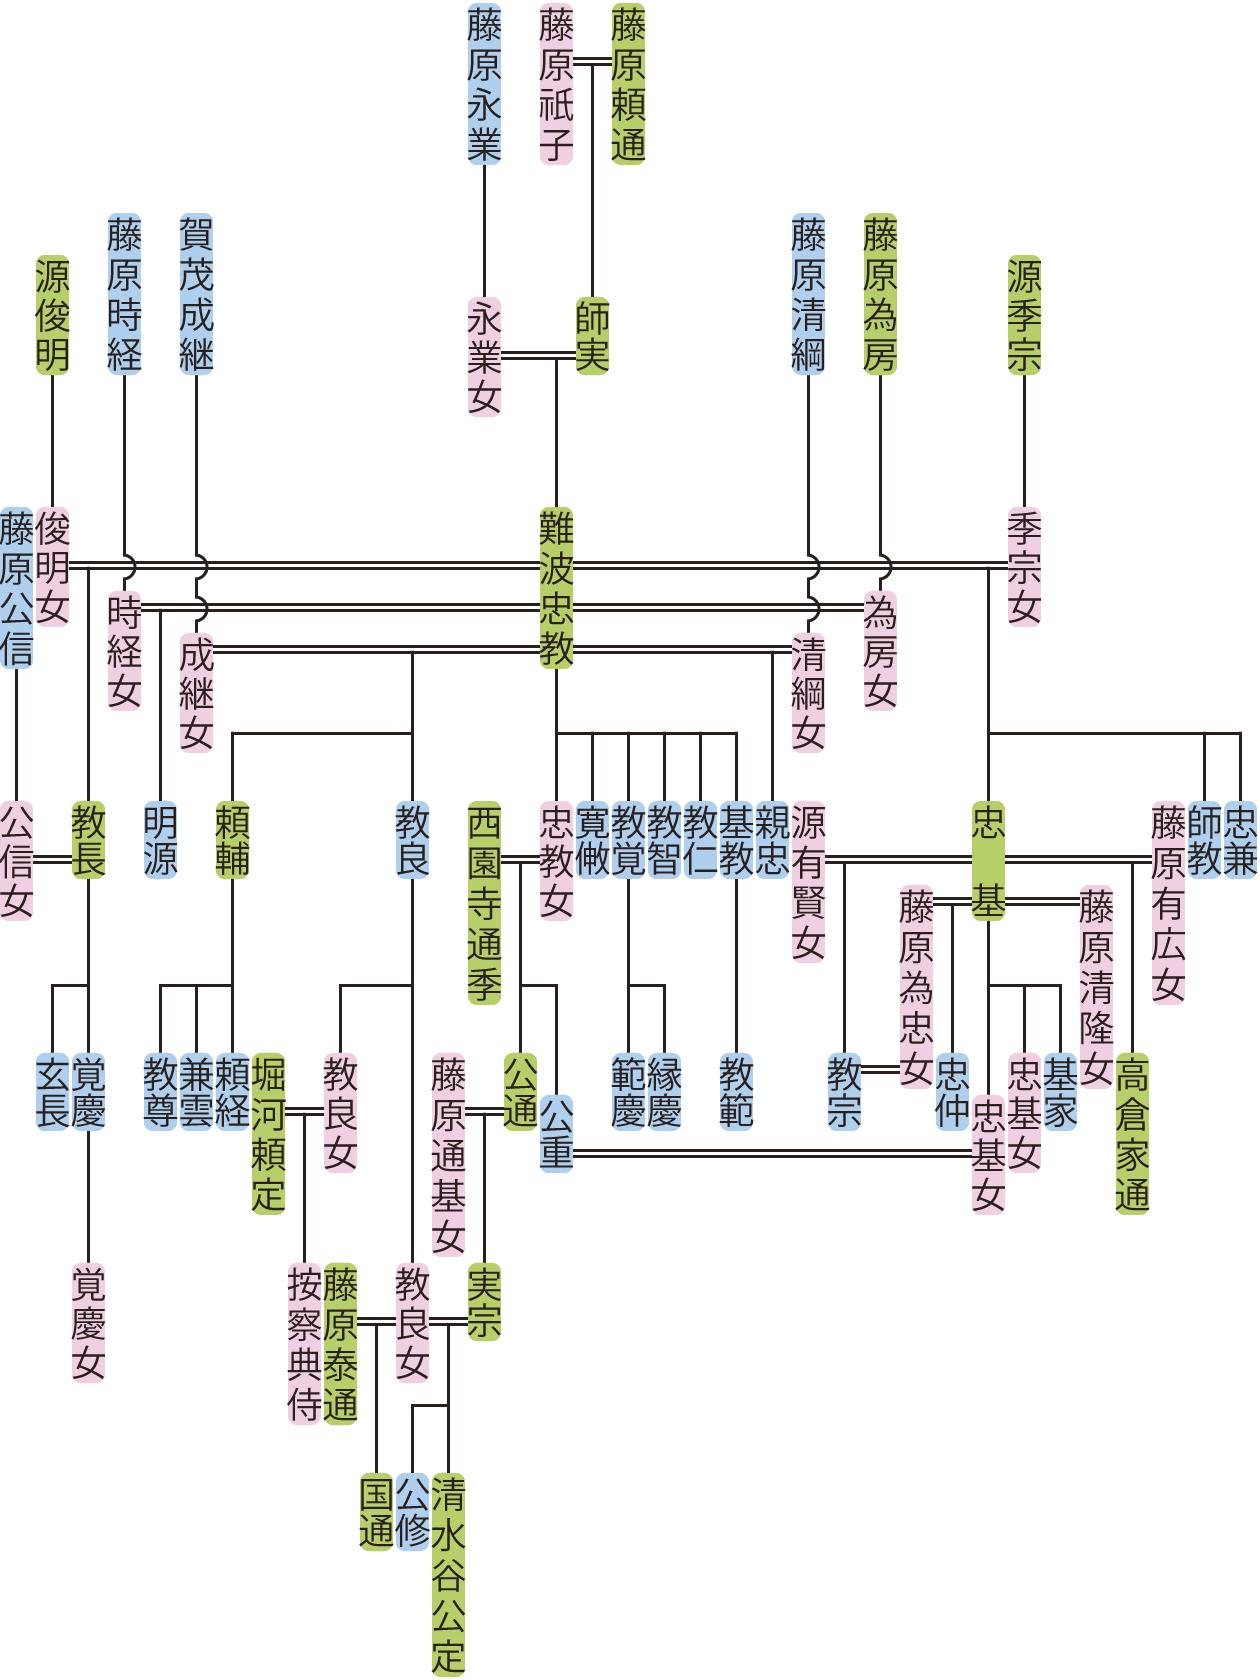 難波忠教の系図